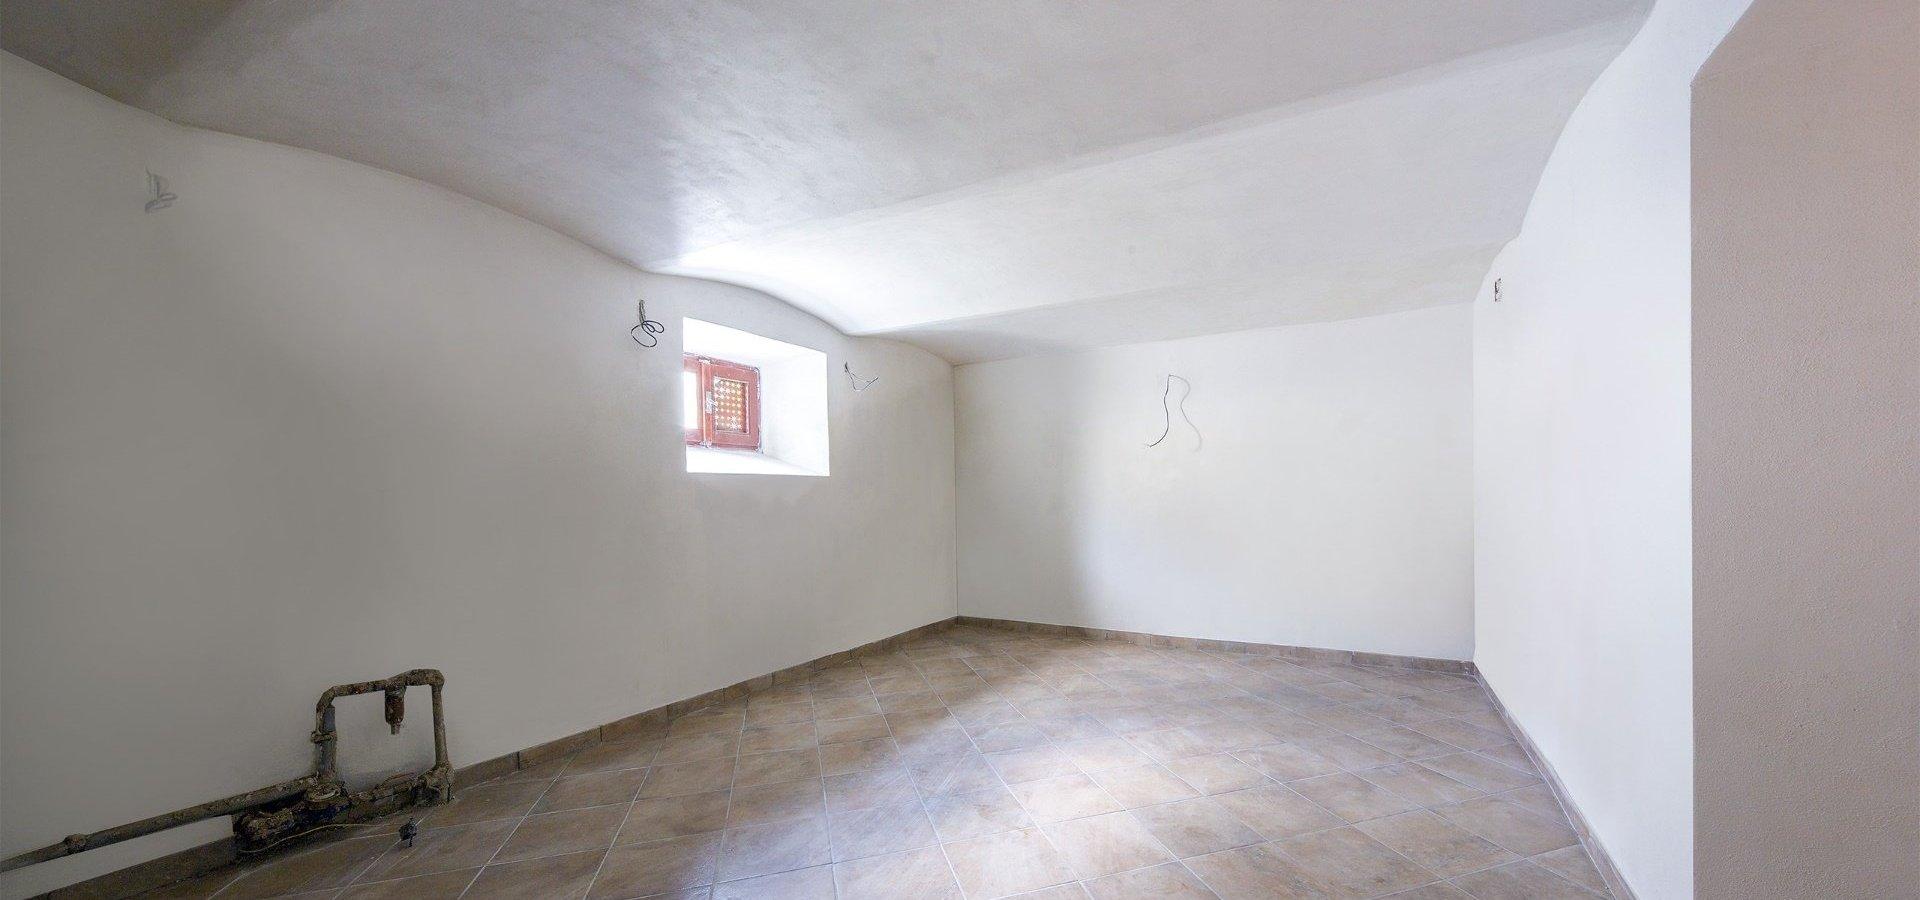 prodej-rodinneho-domu-na-bydleni-i-investici-477m2-telc-35merge-602d61